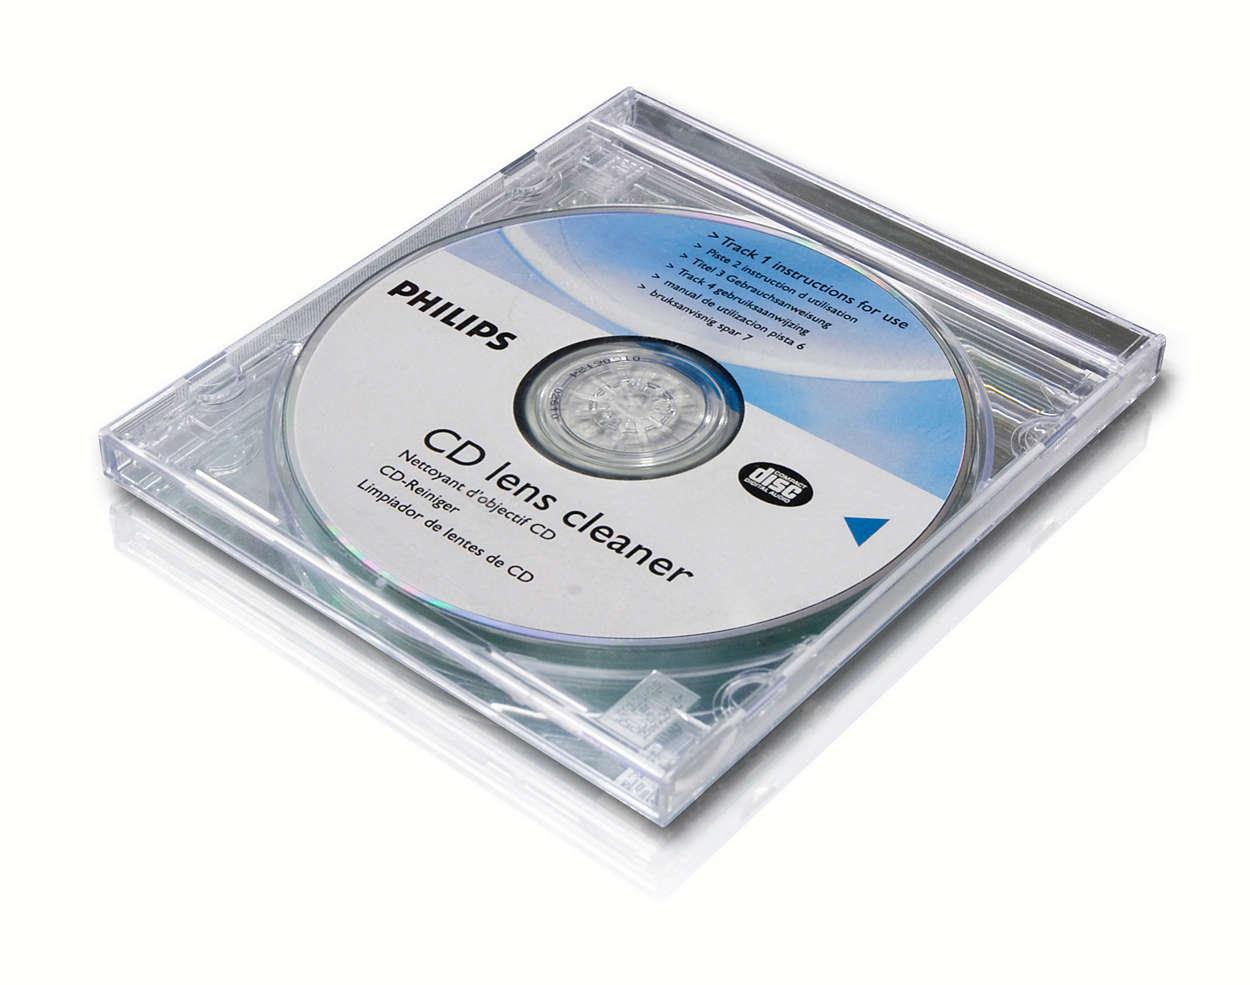 Puhdista ja suojaa CD/DVD-laitteesi